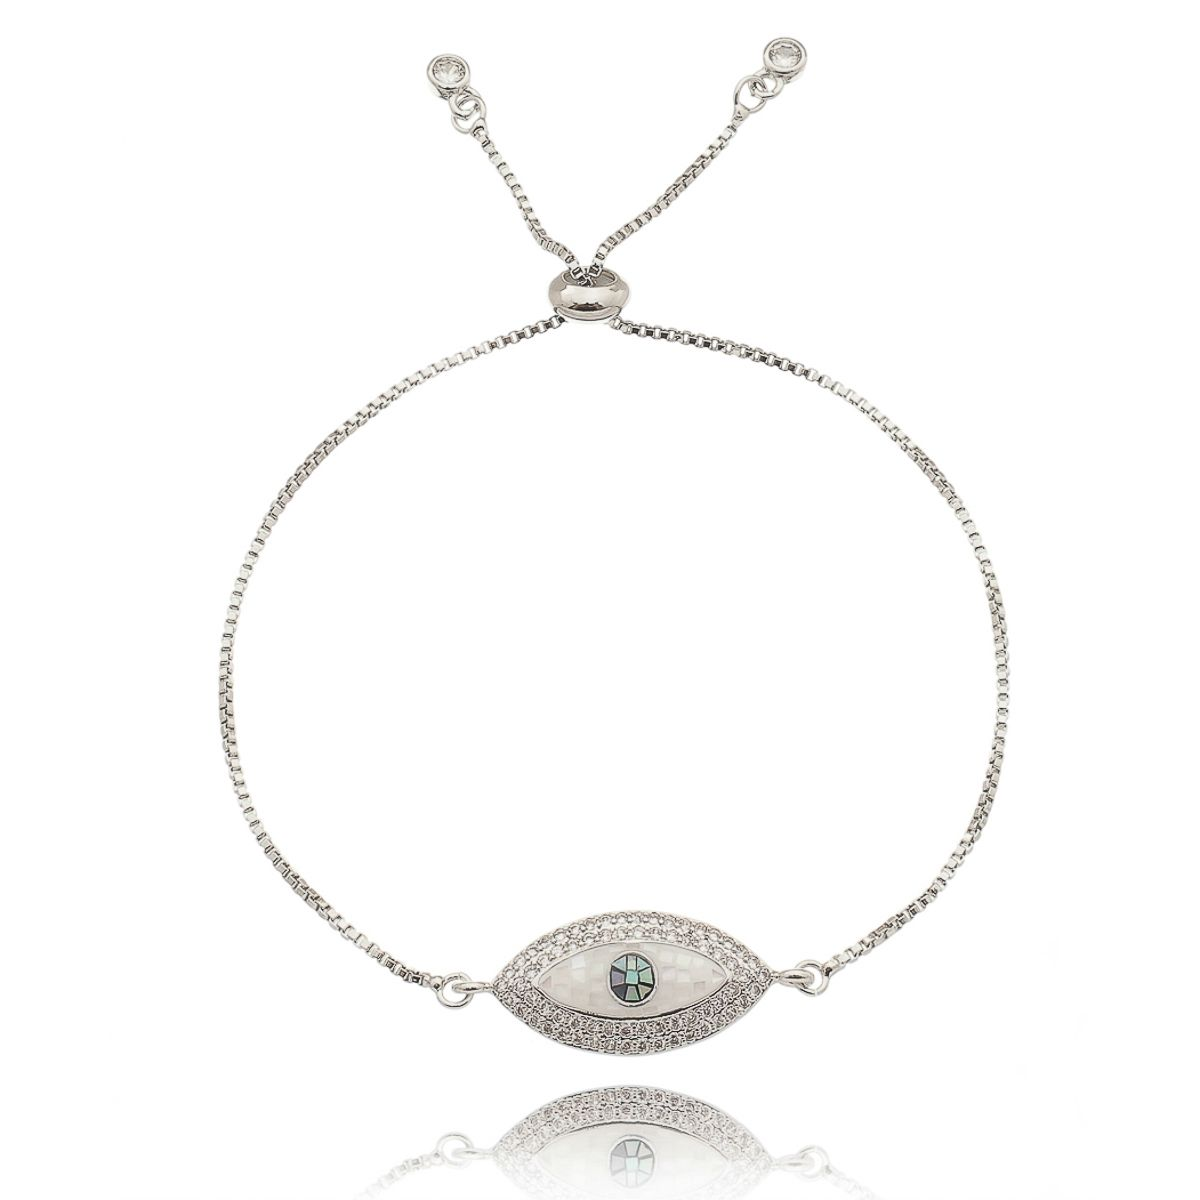 Pulseira Olho Grego Regulável Zircônia Branca e Madrepérola Semijoia em Ródio Branco  - Soloyou